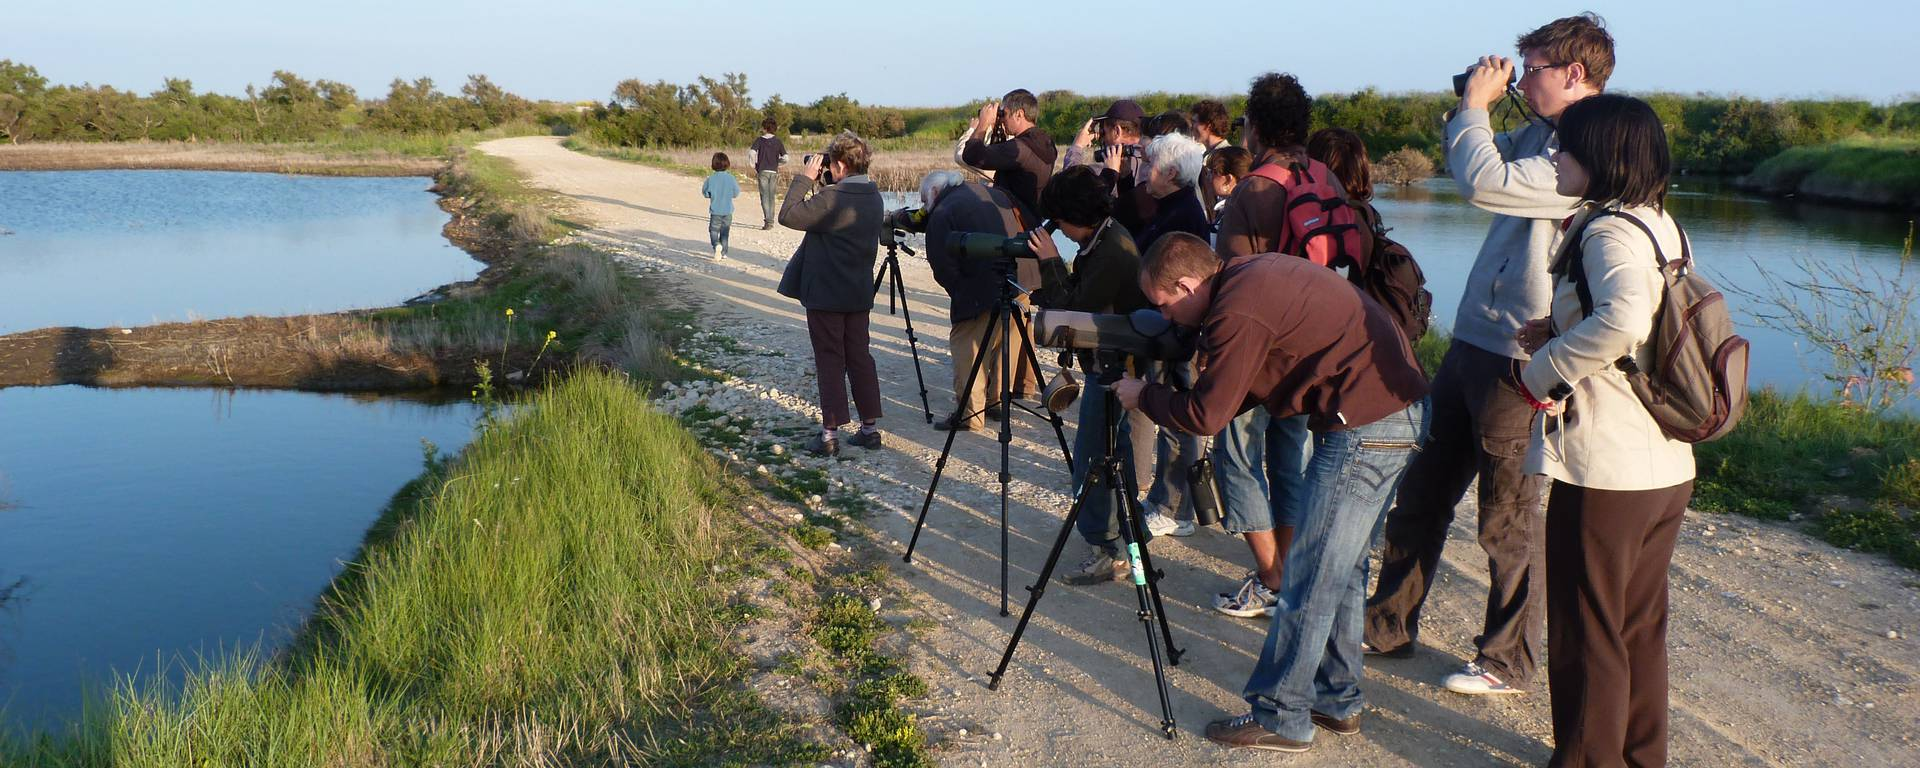 Group observing birds © SPL Destination Ile de Ré